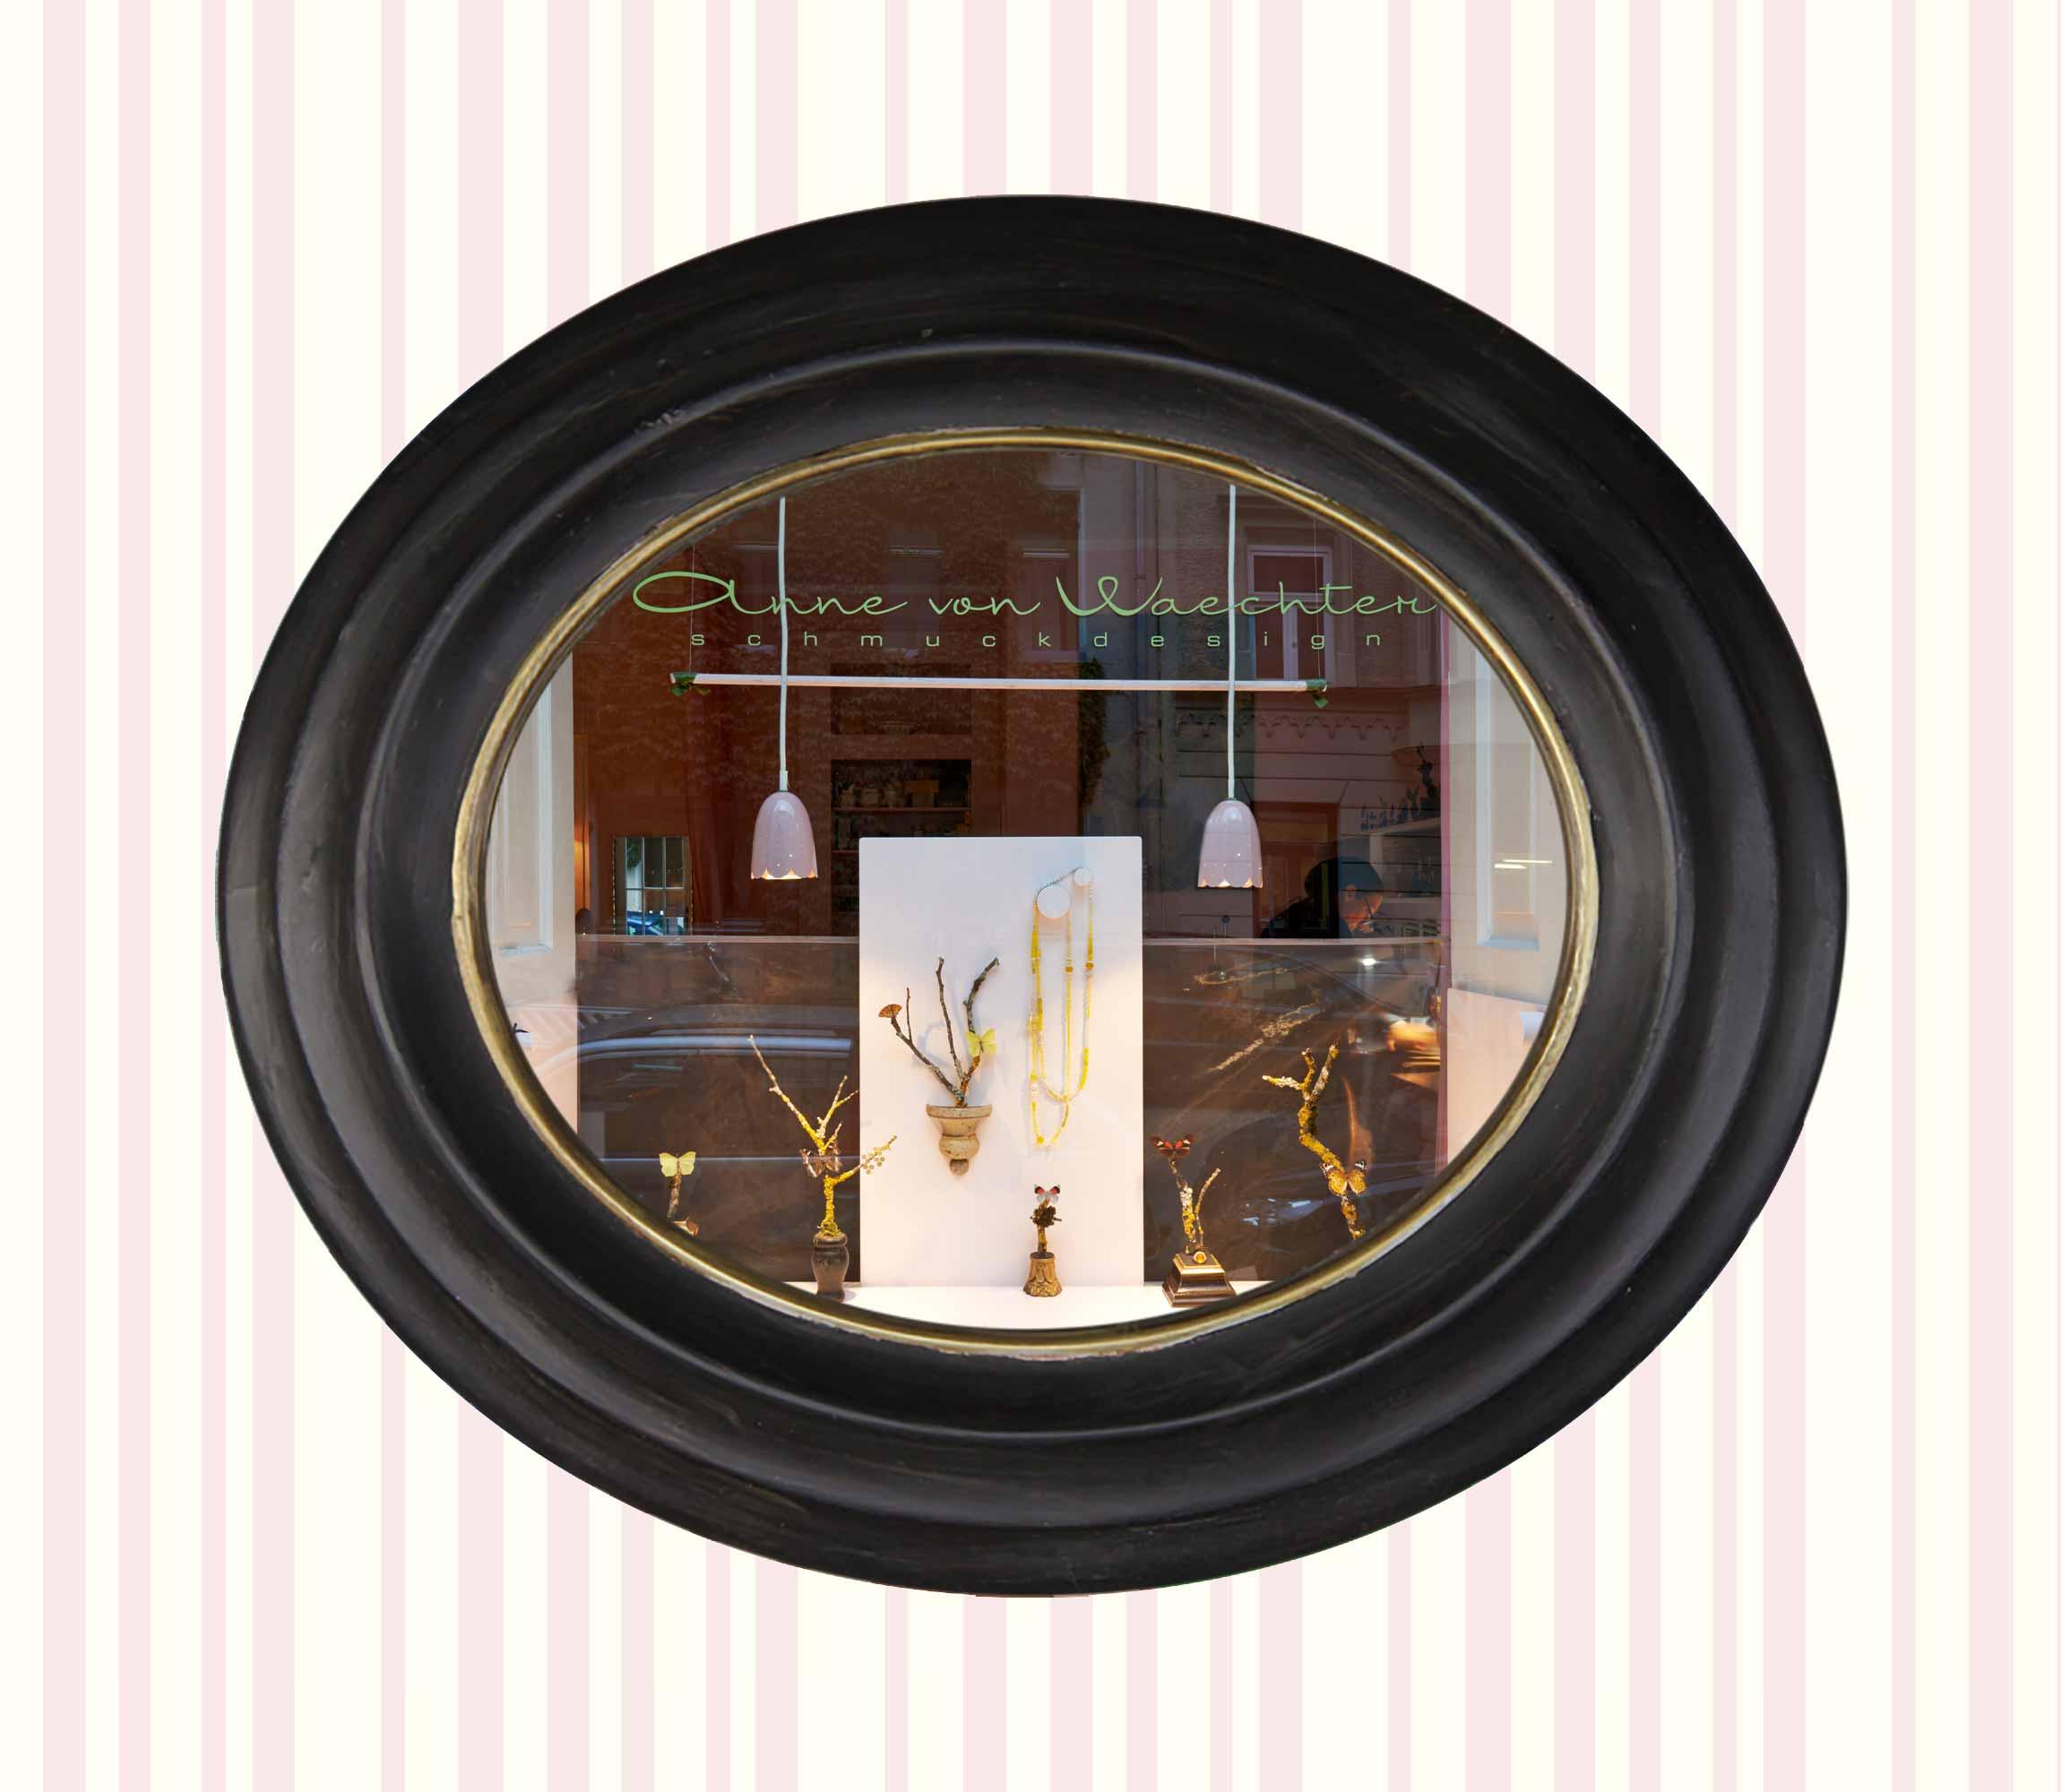 Laden für Schmuckdesign in München - Anne von Waechter